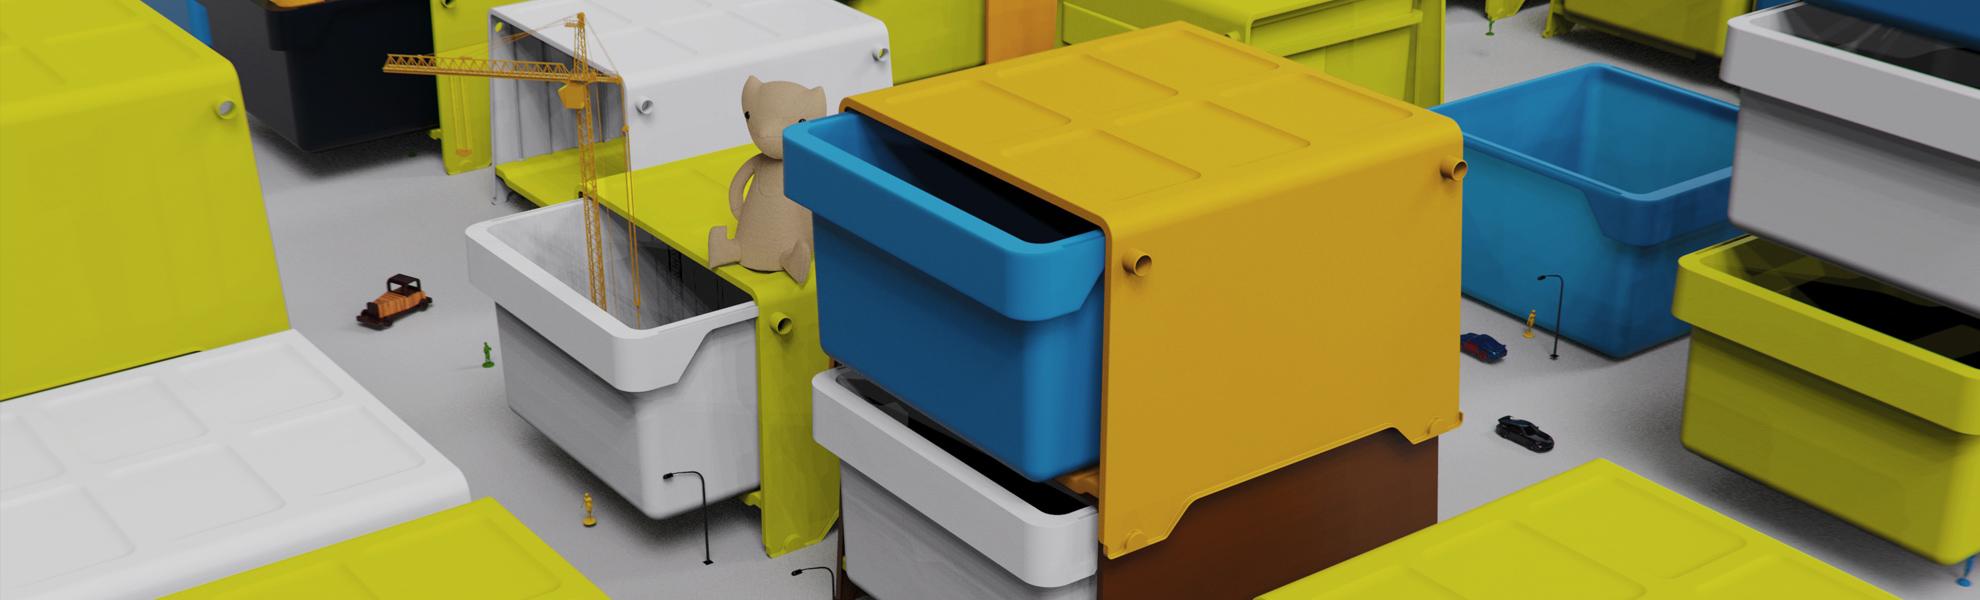 chelles-e-hayashi-design-portfolio-im-in-organizador-kz-produto-estrutural